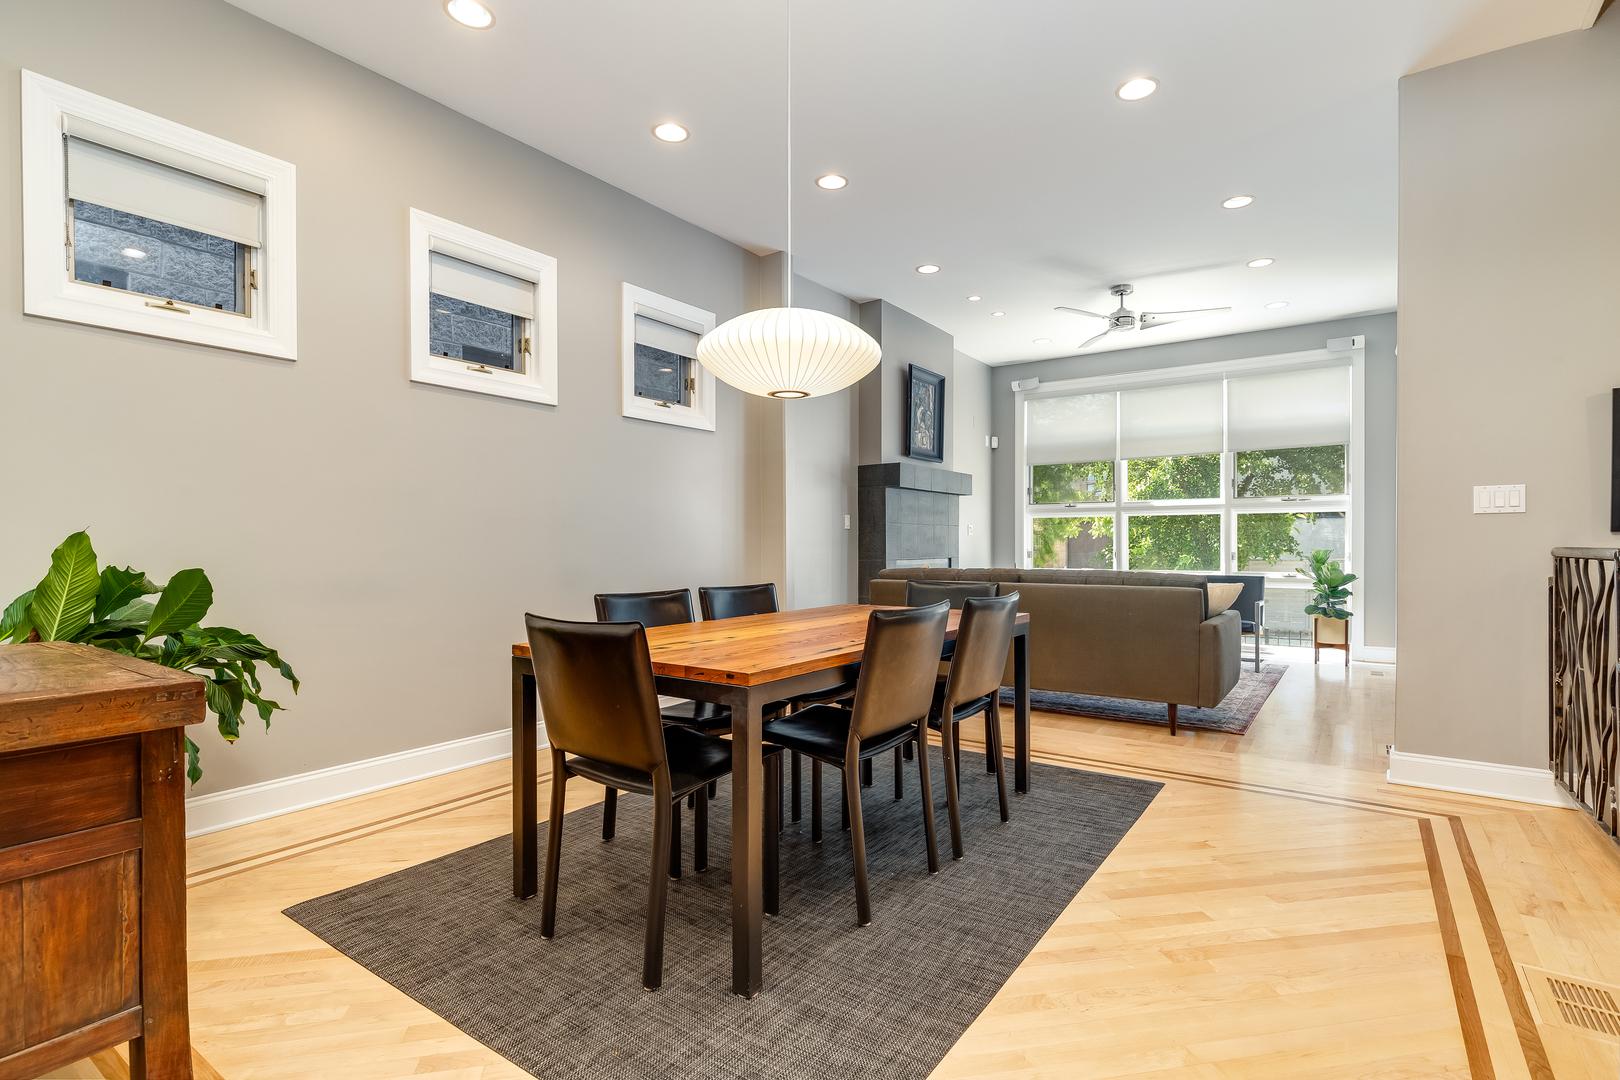 Couleur Tendance Pour Interieur Maison les couleurs tendance pour moderniser la salle à manger